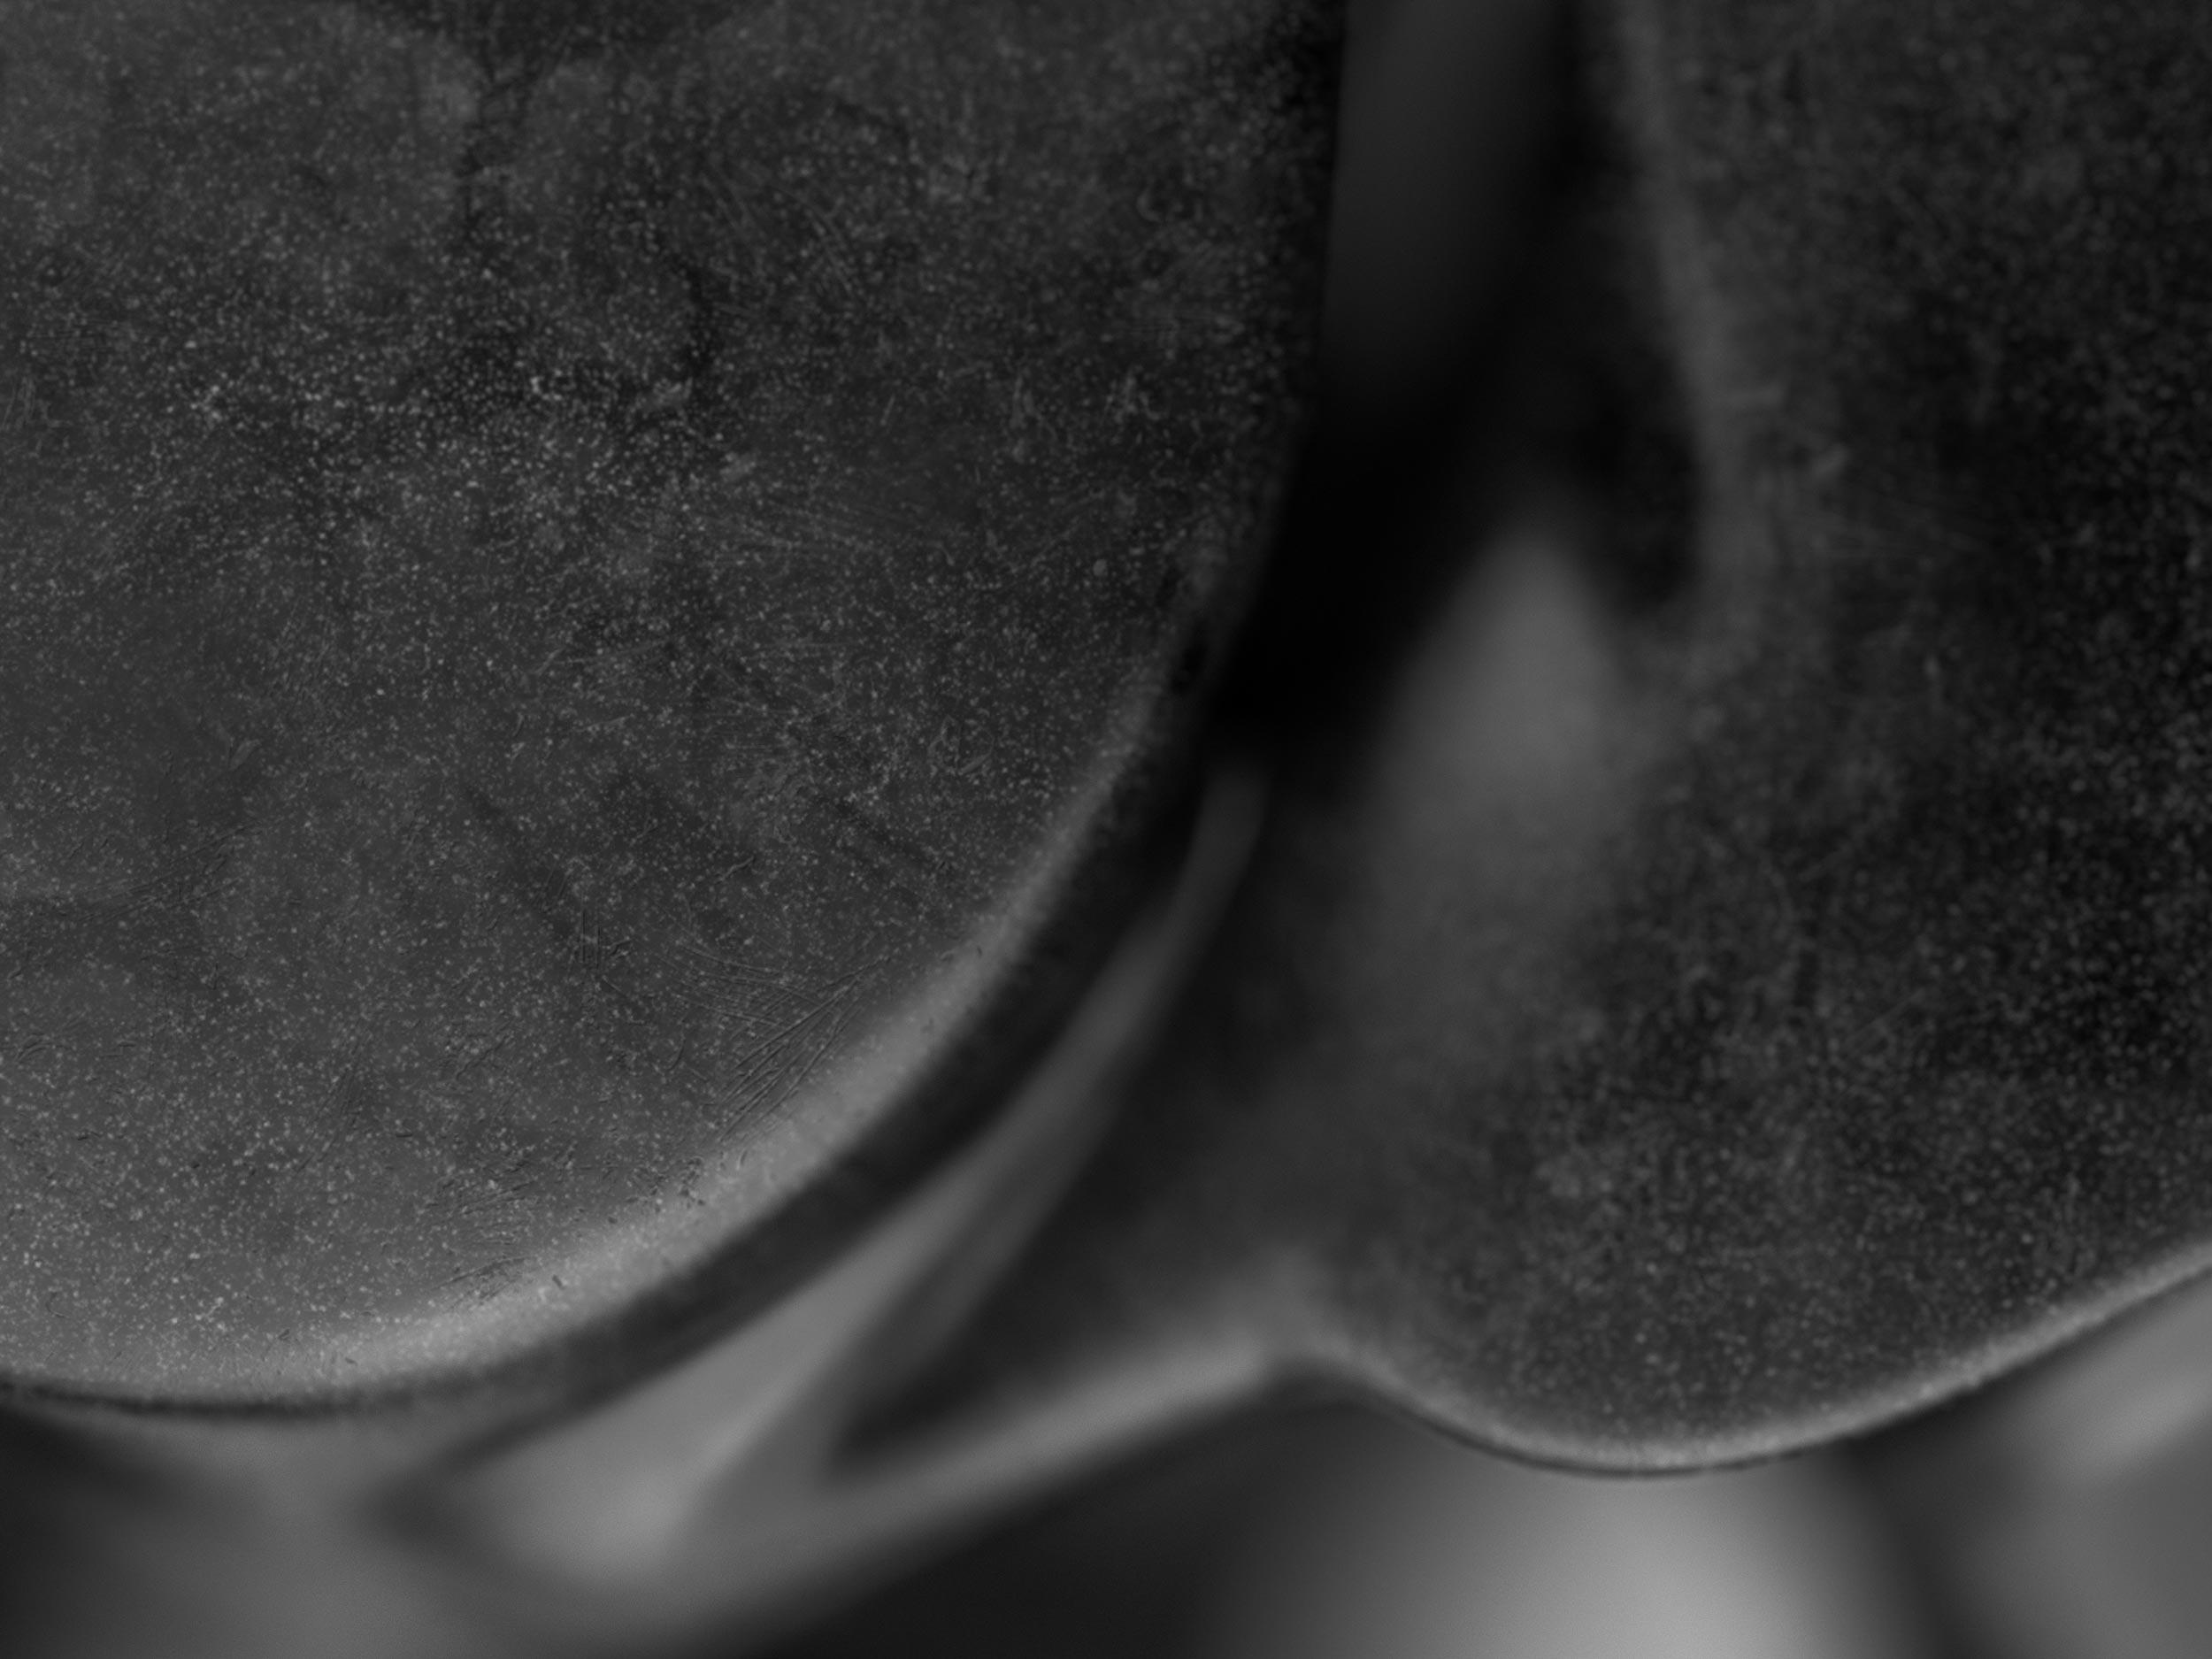 Fluid Matter - First variations - Detail